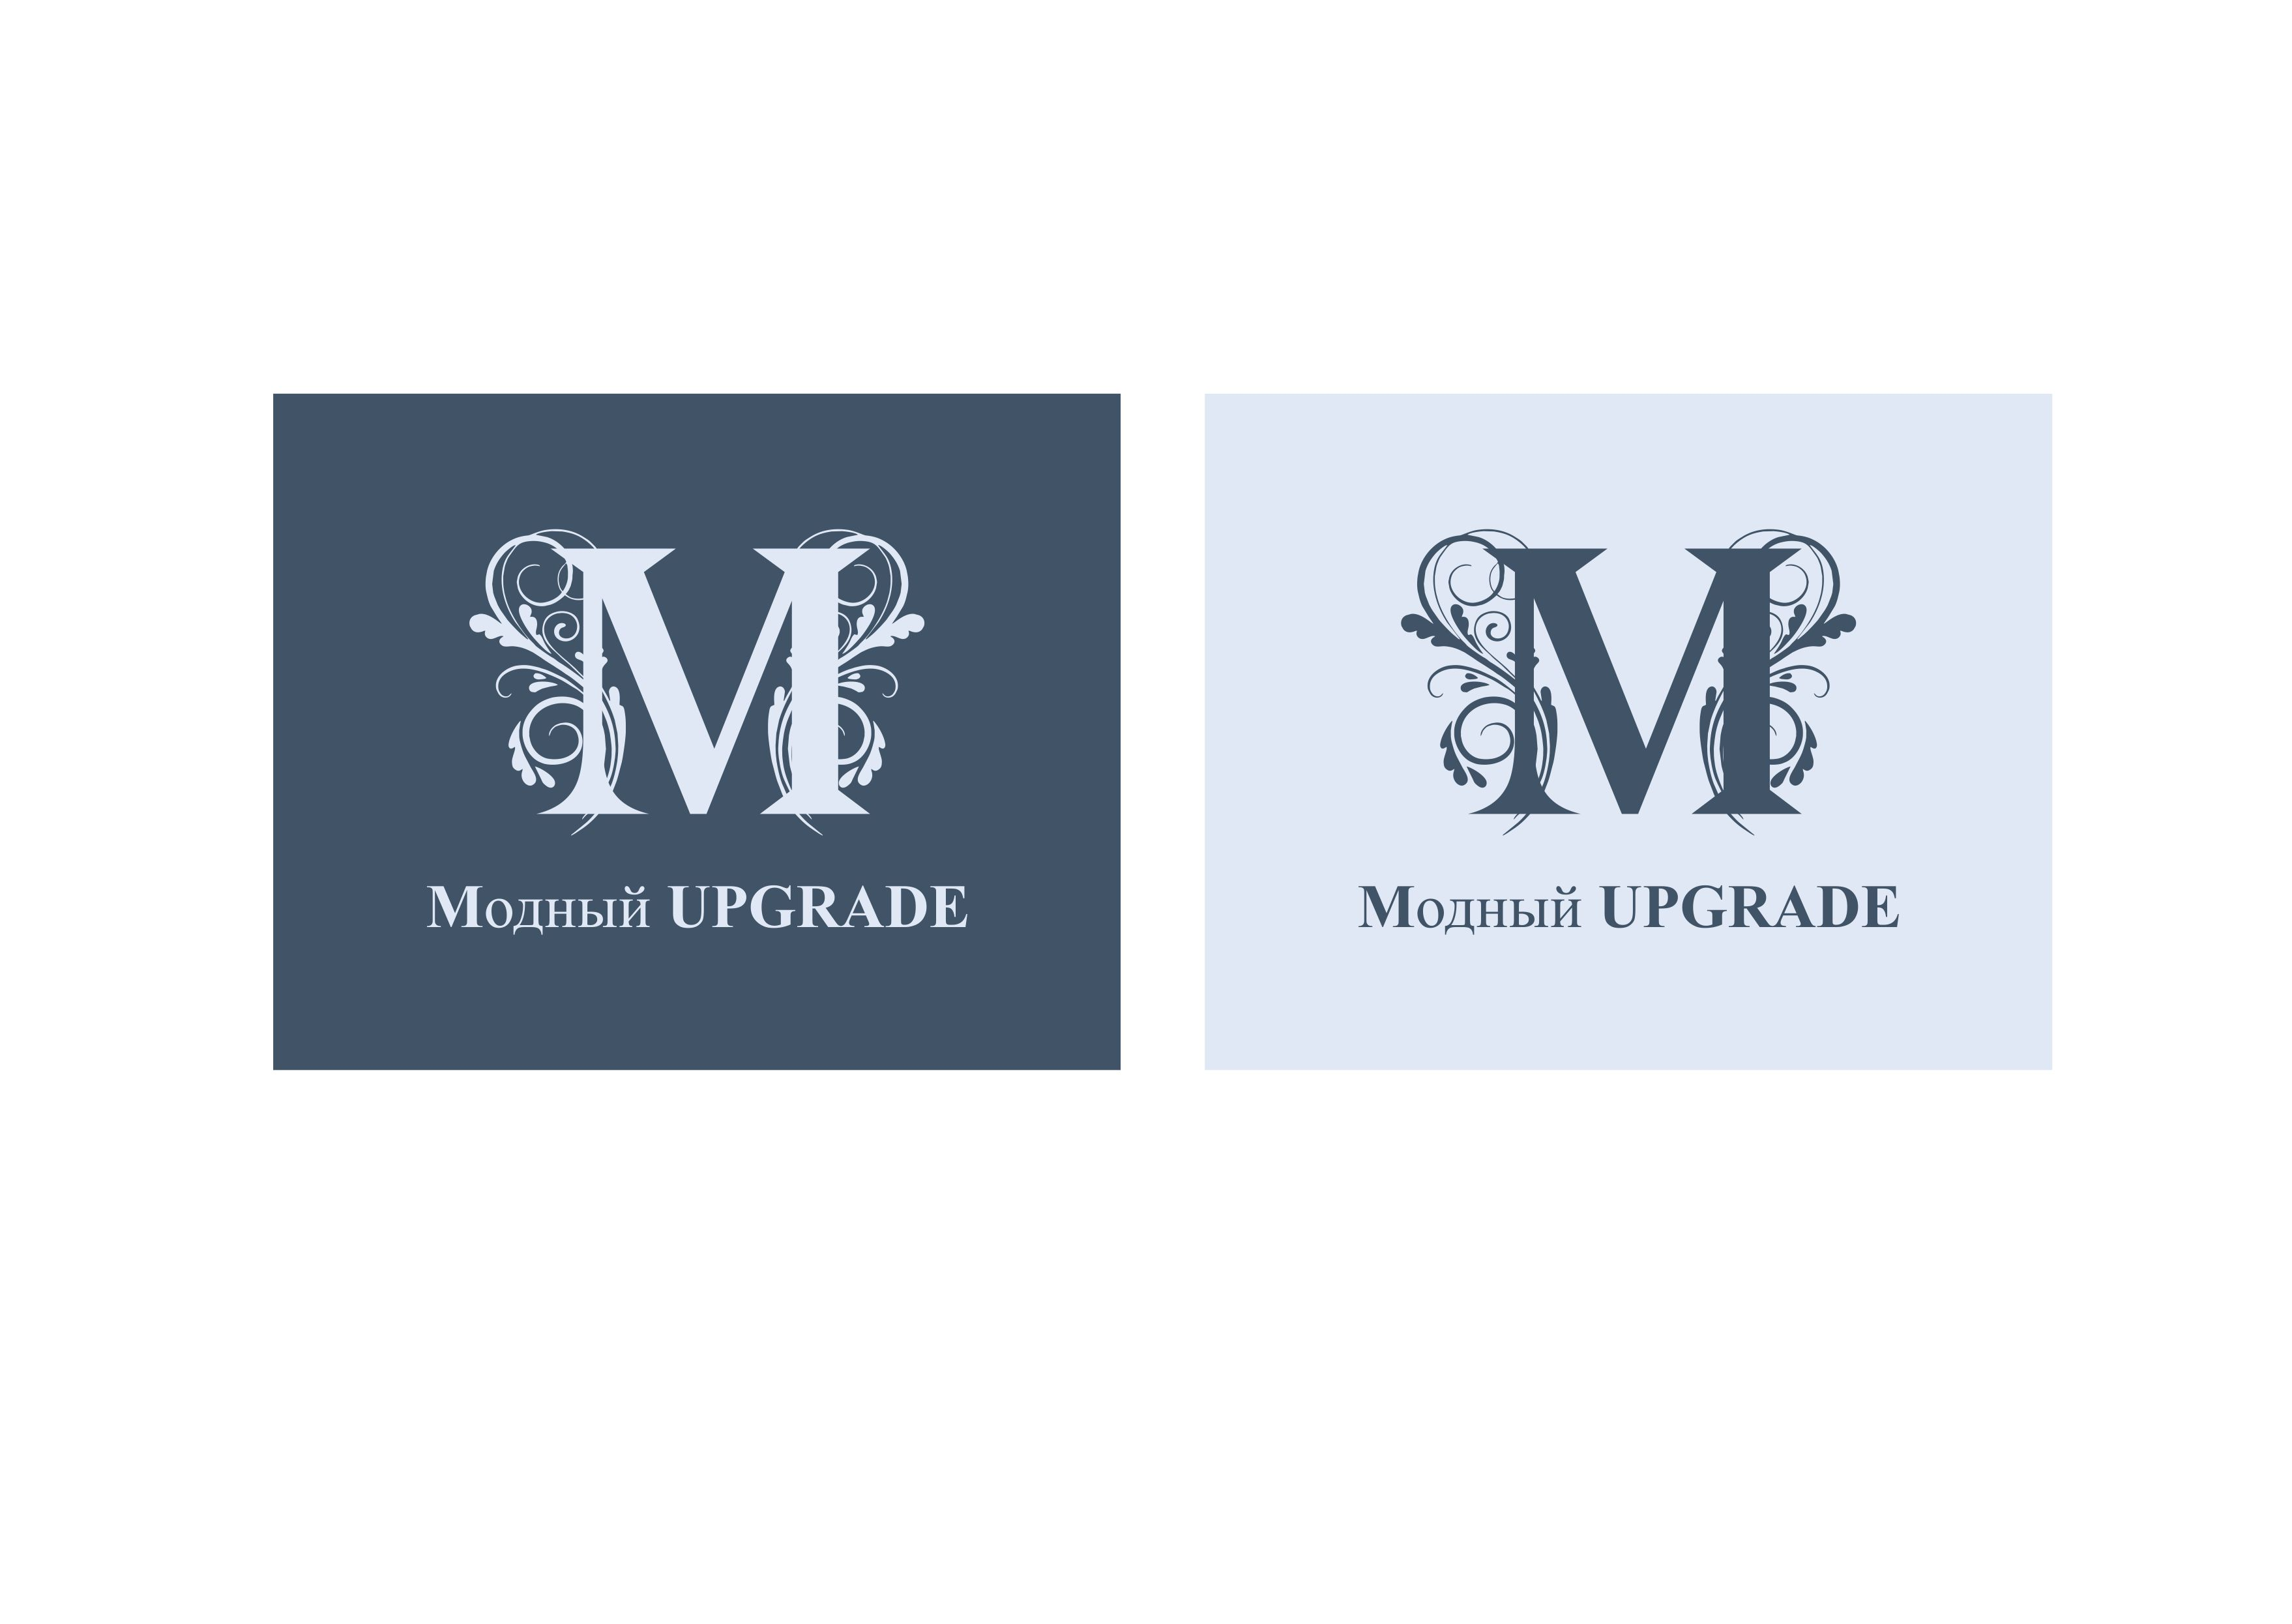 """Логотип интернет магазина """"Модный UPGRADE"""" фото f_01059418af4026c0.jpg"""